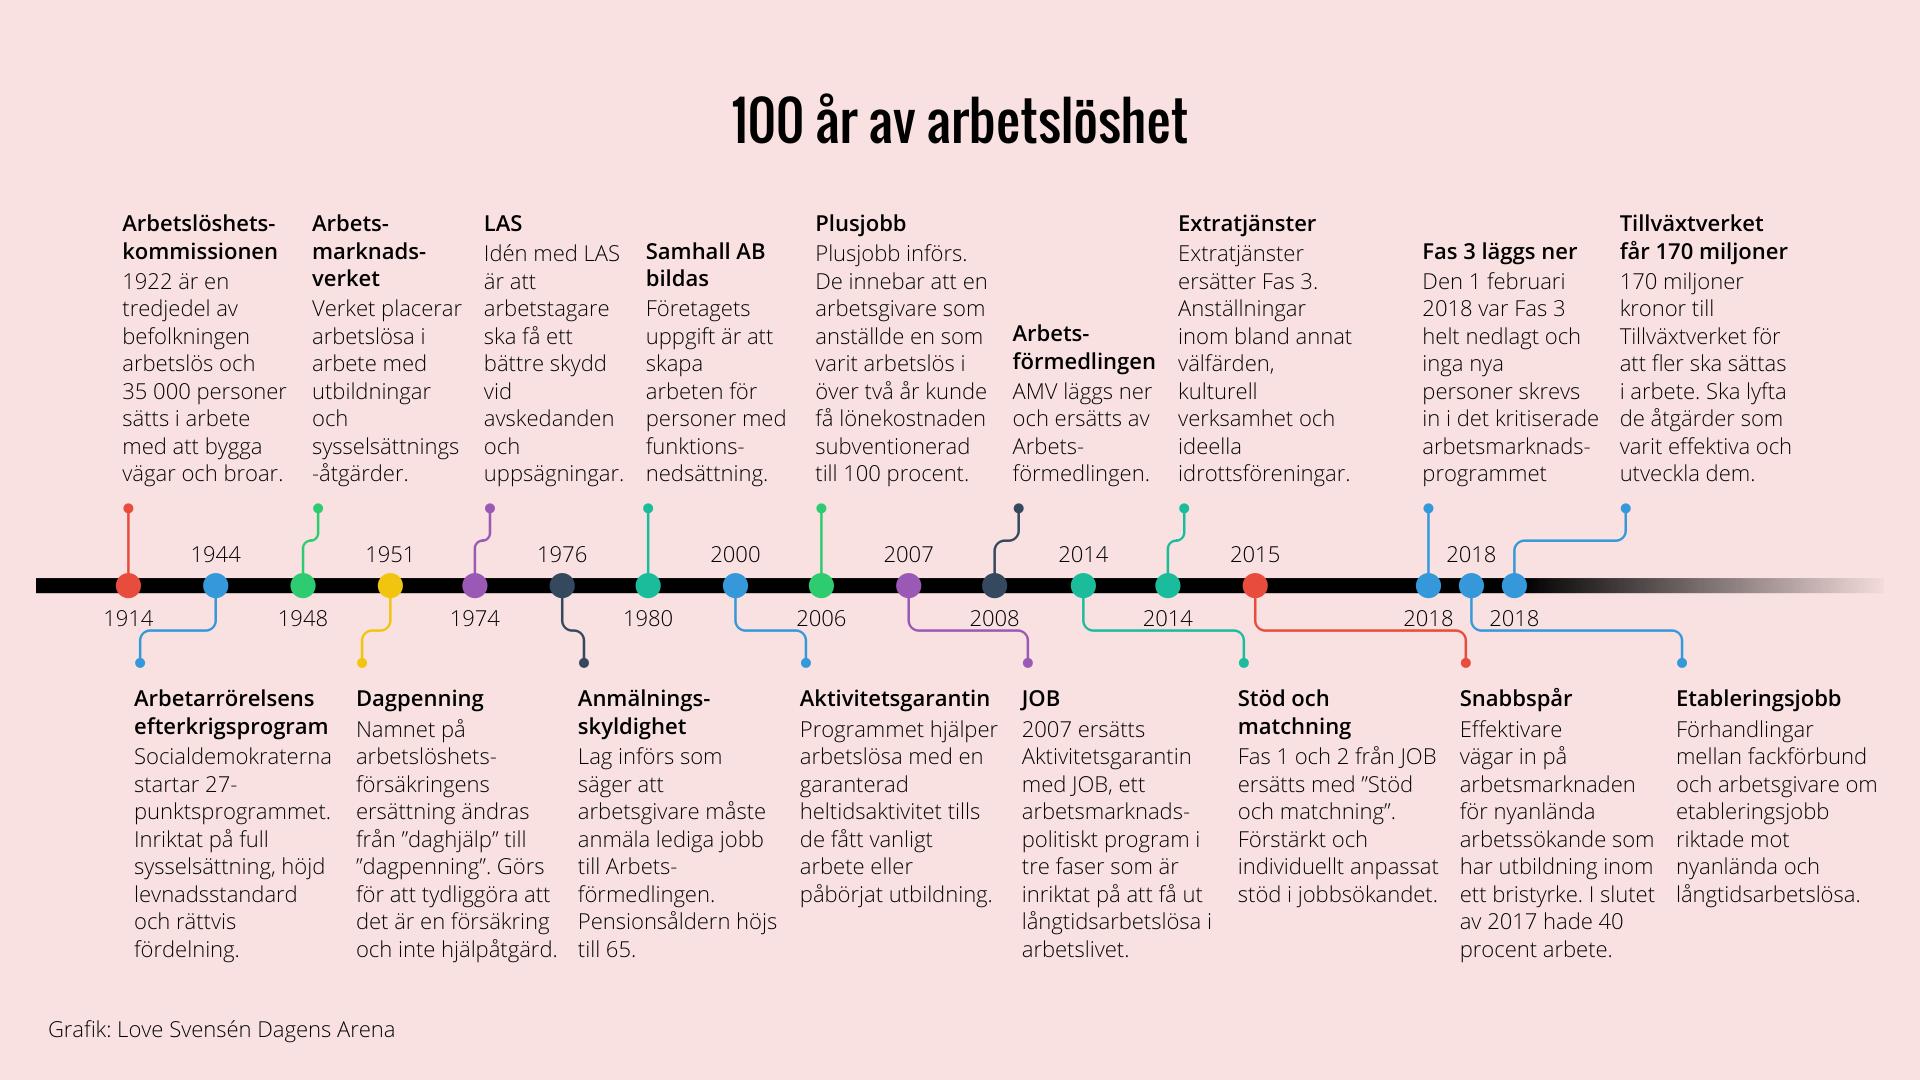 100-ar-av-arbetsloshet-3